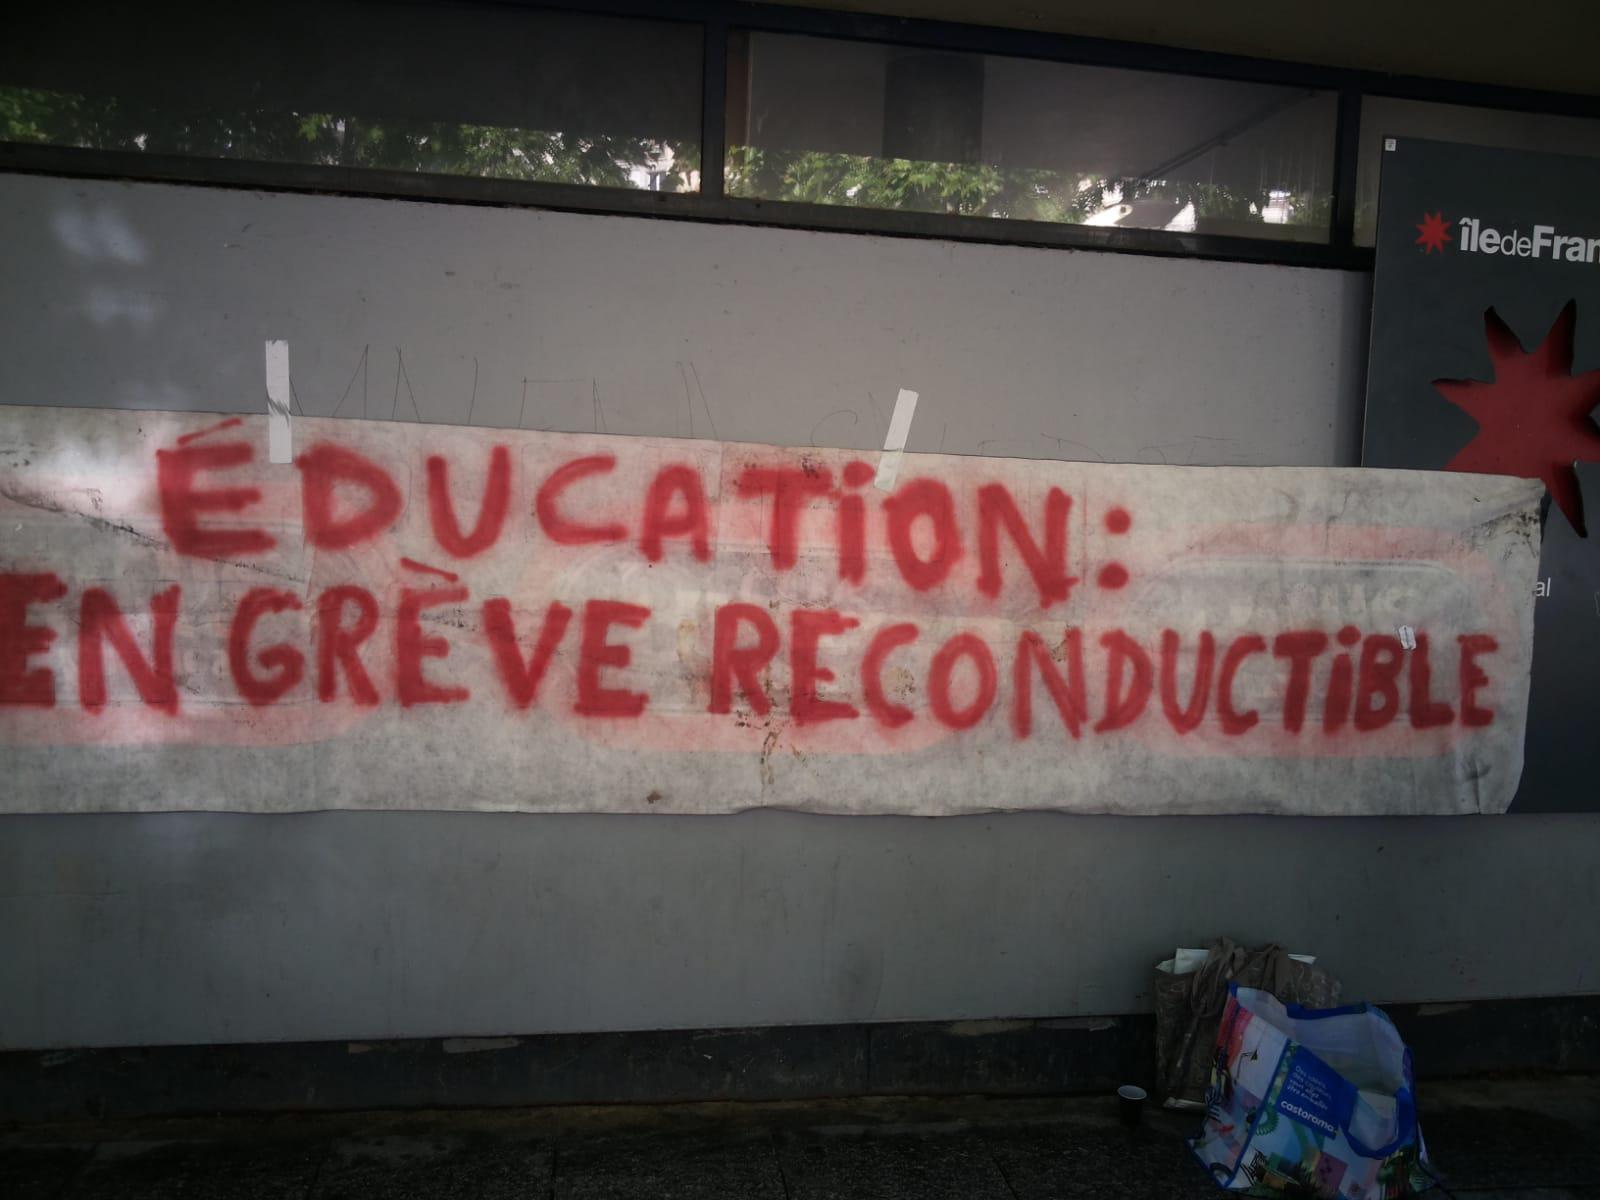 grève du bac #bloquonsblanquer école confiance #bacblock